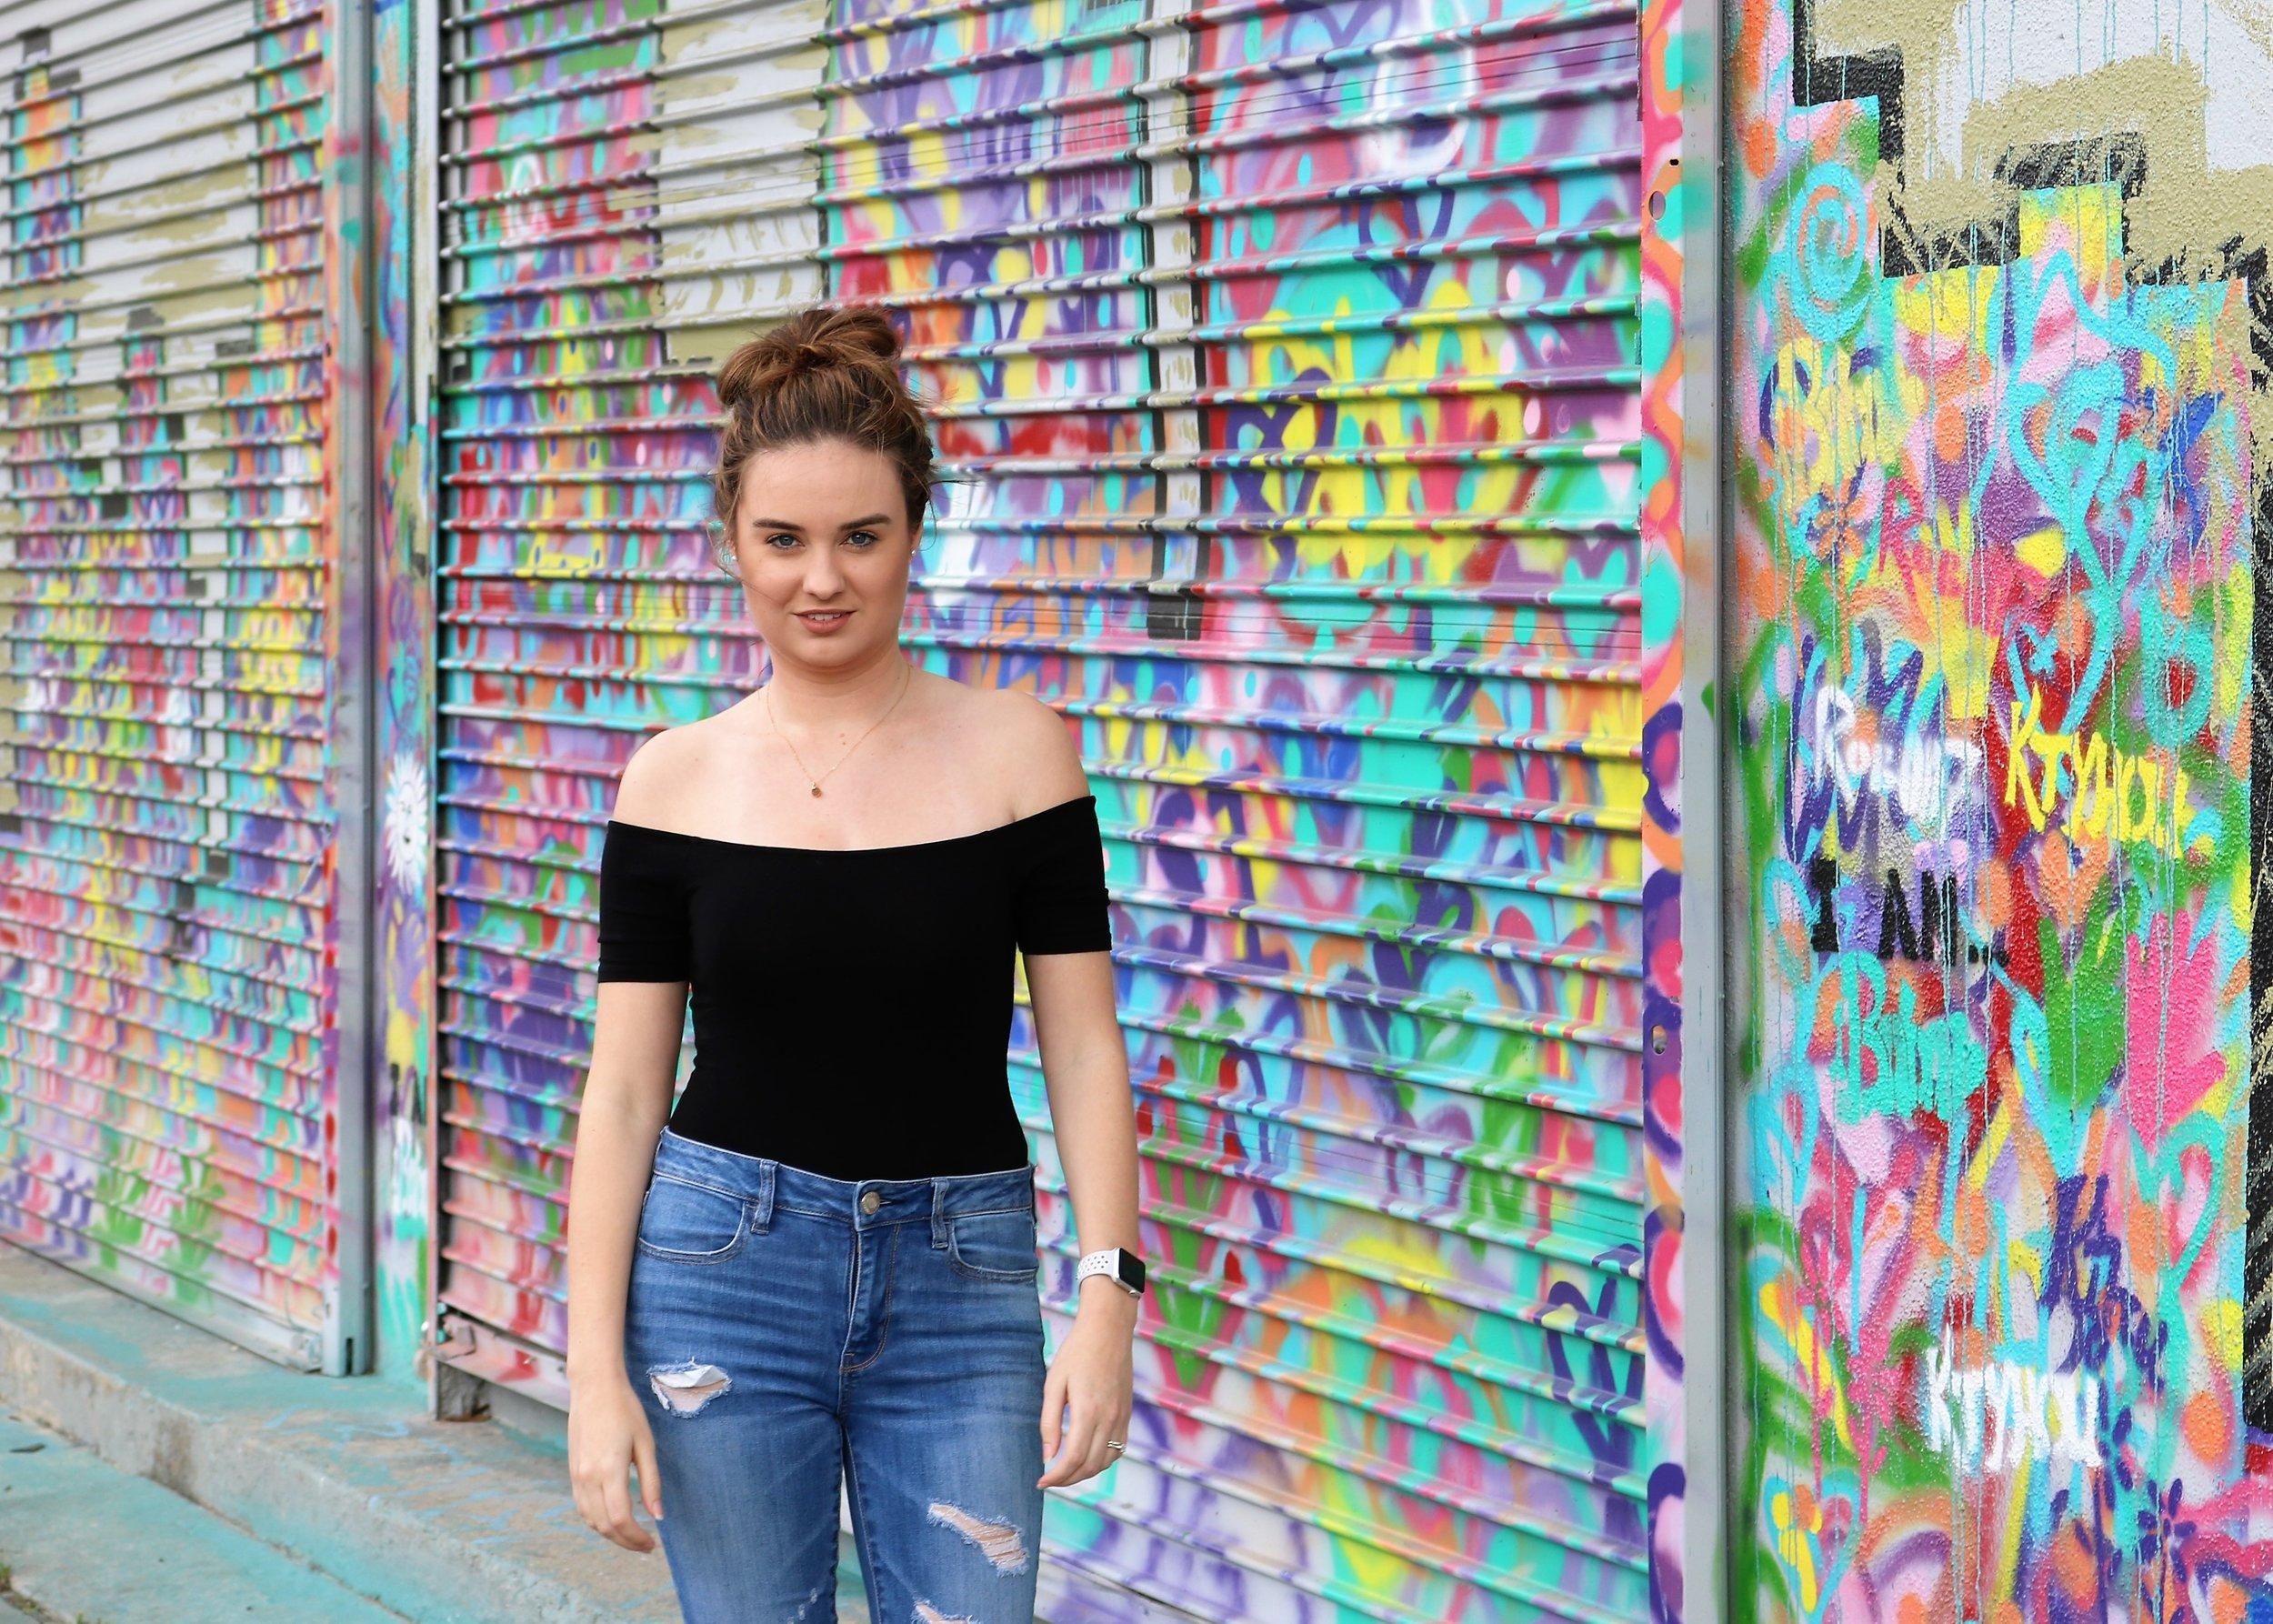 houston texas mural street art